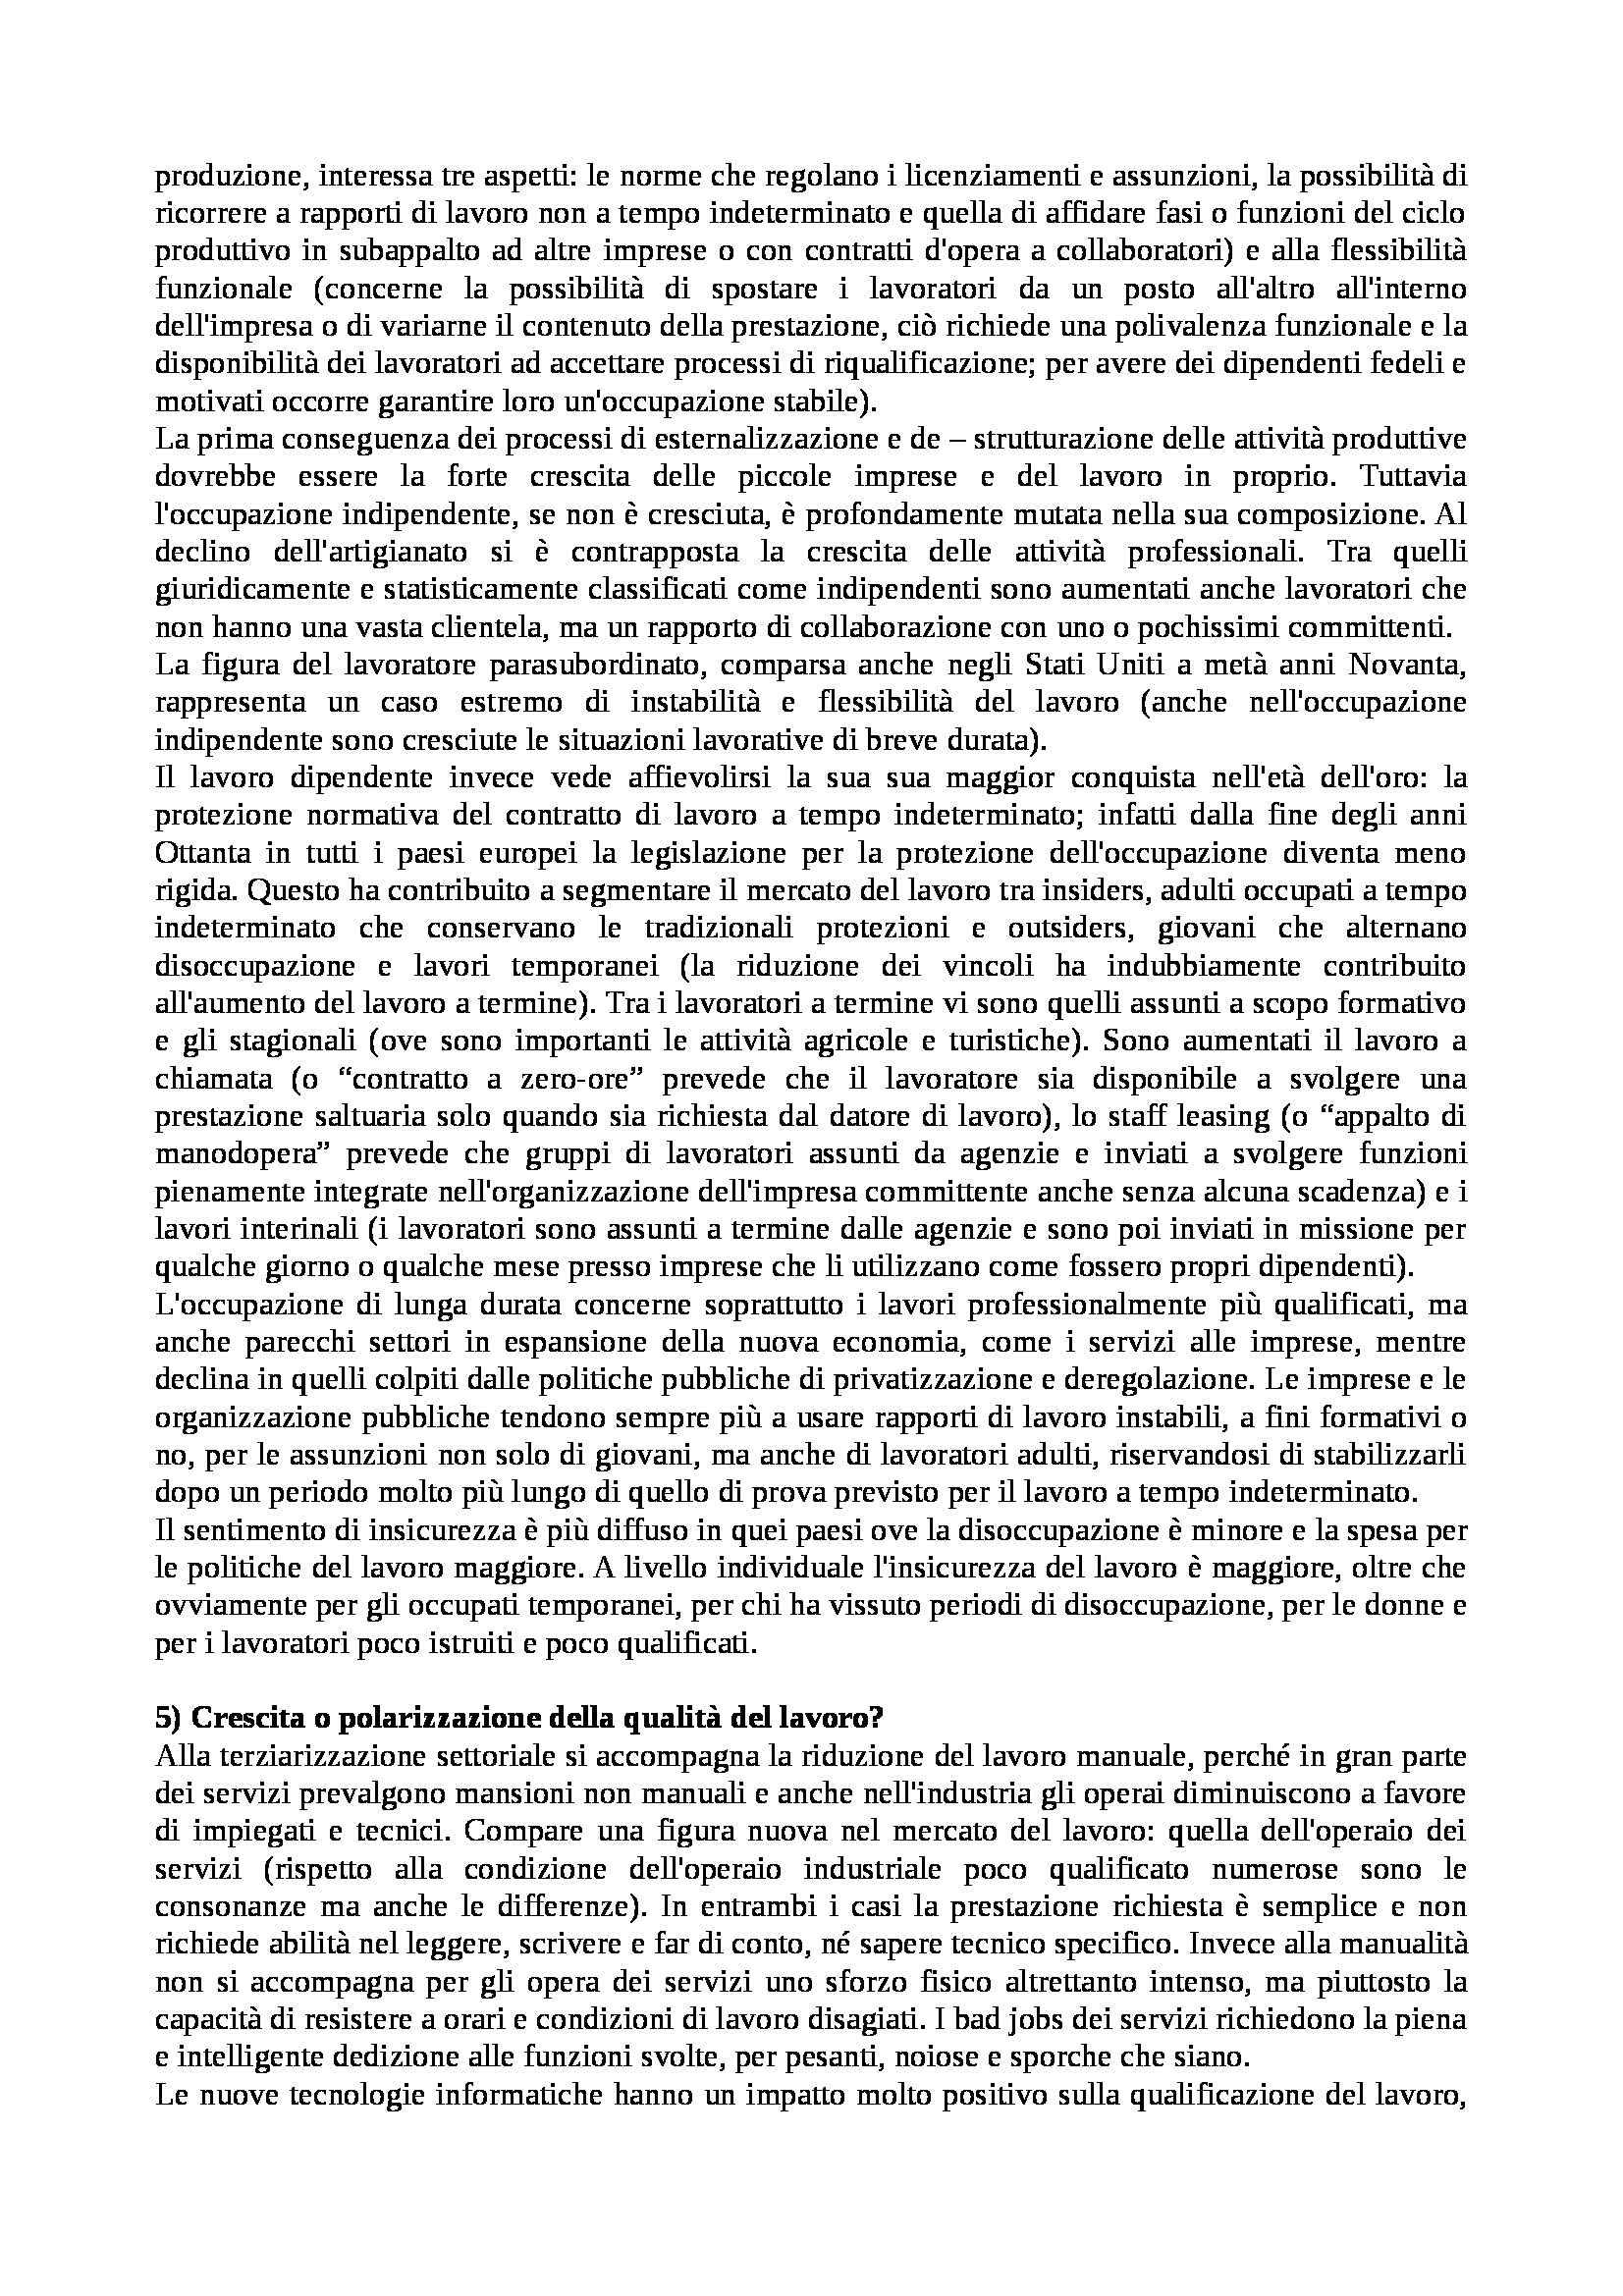 Riassunto esame Istituzioni di Sociologia, libro adottato Processi e Trasformazioni Sociali, Sciolla Pag. 11